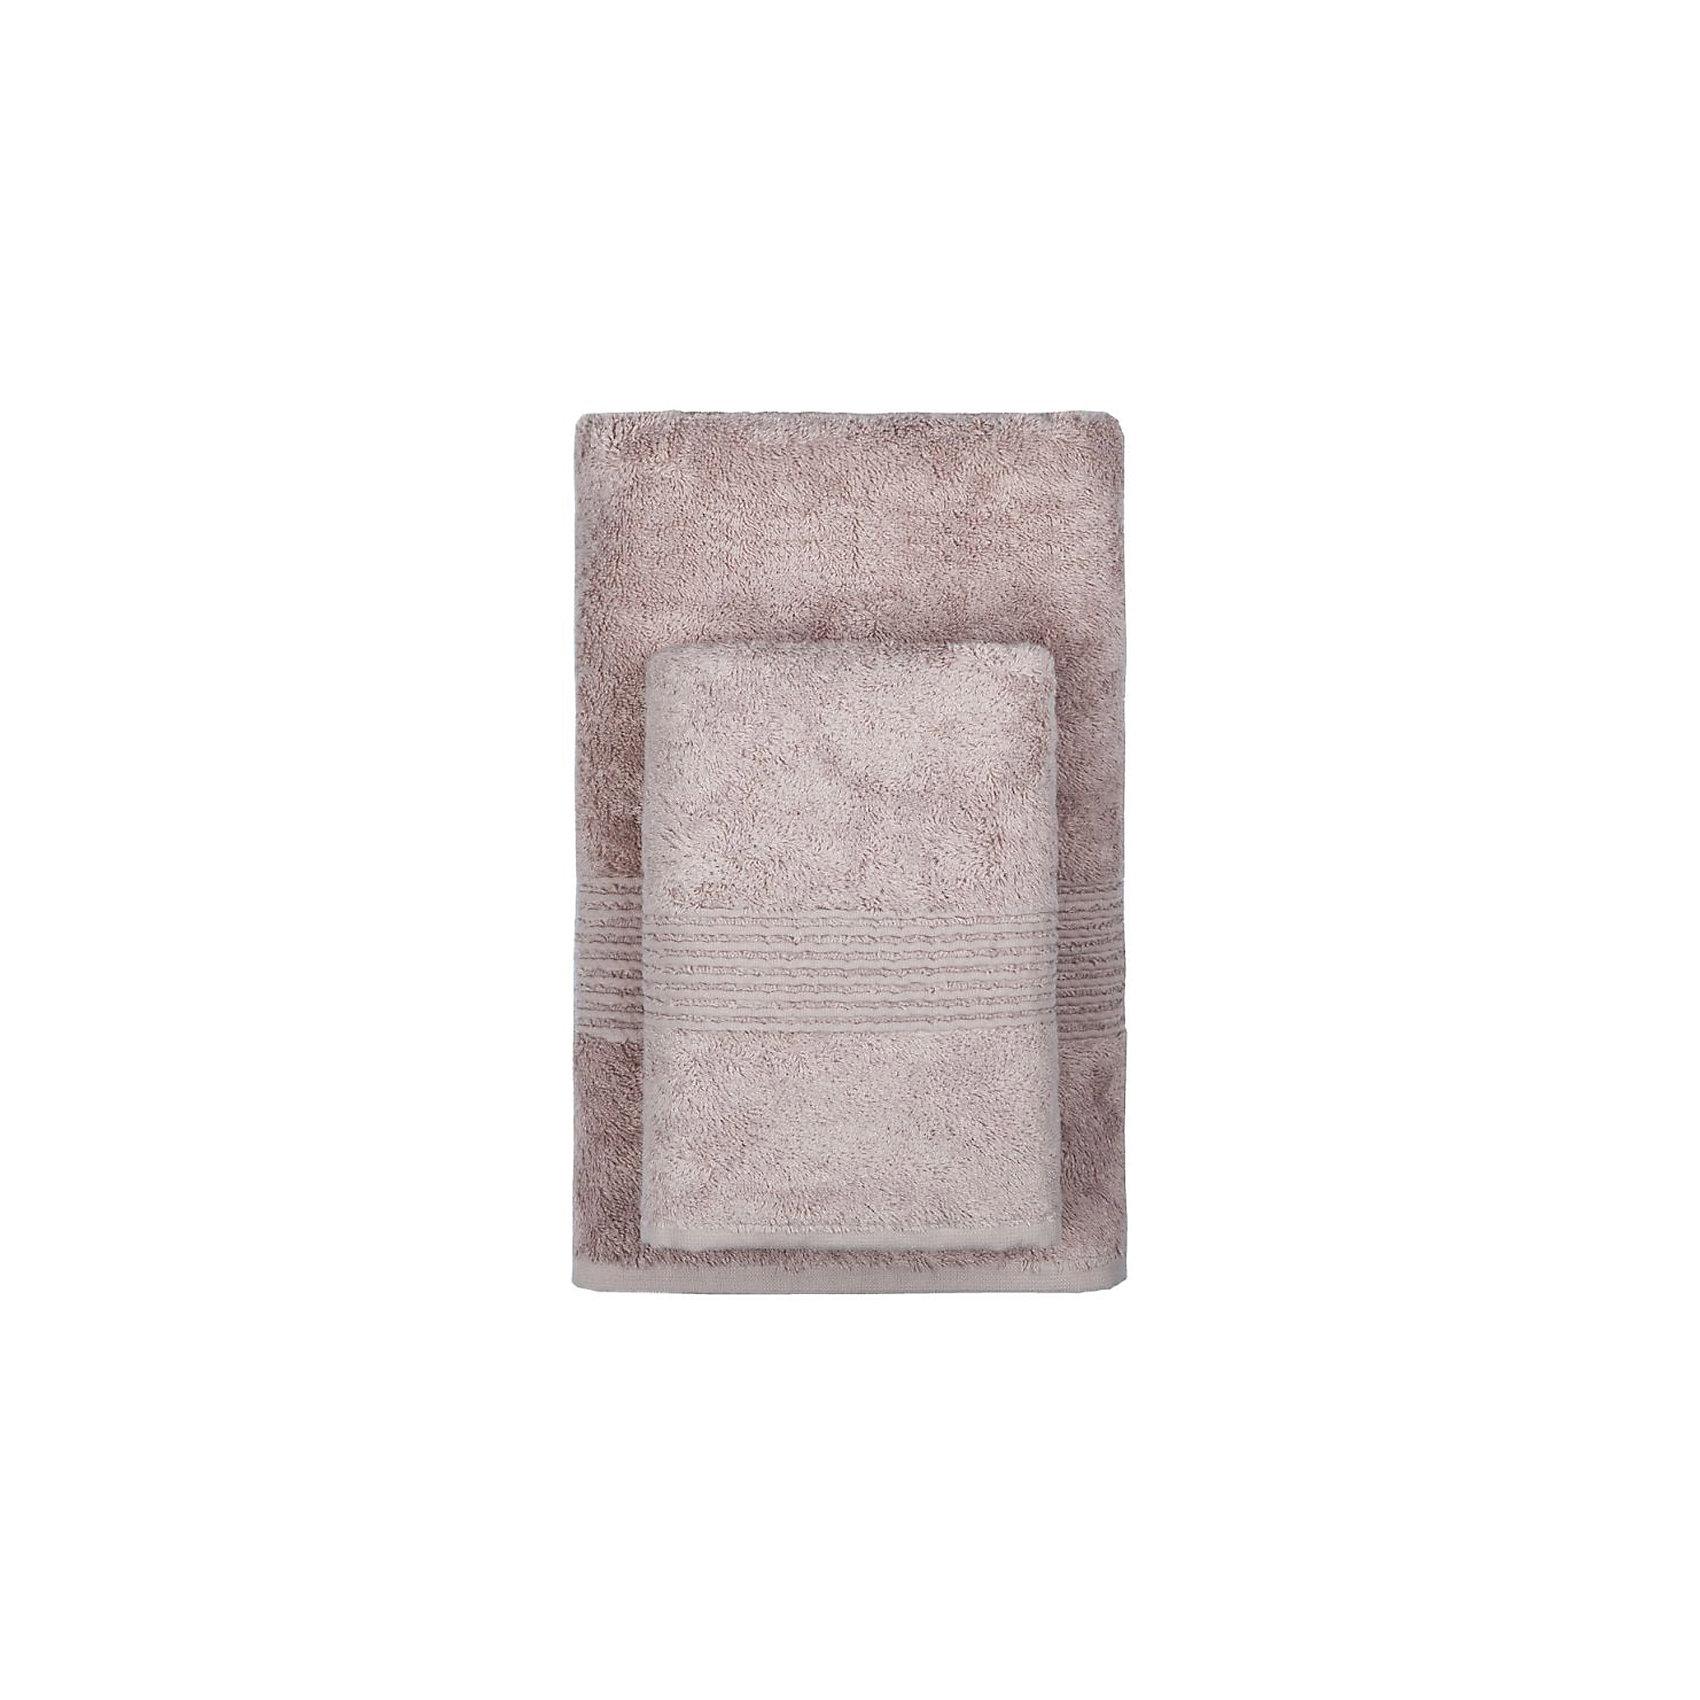 Полотенце махровое Maison Bambu, 50*90, TAC, кофе (kahve)Ванная комната<br>Характеристики:<br><br>• Вид домашнего текстиля: махровое полотенце<br>• Размеры полотенца: 50*90 см<br>• Рисунок: без рисунка<br>• Декоративные элементы: бордюр<br>• Материал: хлопок, 50% хлопок; бамбук, 50%<br>• Цвет: кофейный<br>• Плотность полотна: 550 гр/м2 <br>• Вес: 260 г<br>• Размеры упаковки (Д*Ш*В): 25*4*25 см<br>• Особенности ухода: машинная стирка <br><br>Полотенце махровое Maison Bambu, 50*90, TAC, кофе (kahve) от наиболее популярного бренда на отечественном рынке среди производителей комплектов постельного белья и текстильных принадлежностей, выпуском которого занимается производственная компания, являющаяся частью мирового холдинга Zorlu Holding Textiles Group. Полотенце выполнено из сочетания натурального хлопка и бамбукового волокна, что обеспечивает гипоаллергенность, высокую износоустойчивость, повышенные гигкоскопические и антибактериальные свойства изделия. <br><br>Благодаря высокой степени плотности махры, полотенце отлично впитывает влагу, но при этом остается мягким. Ворс окрашен стойкими нетоксичными красителями, который не оставляет запаха и обеспечивает ровный окрас. Полотенце сохраняет свой цвет и форму даже при частых стирках. Выполнено в кофейном цвете без рисунка, декорировано бордюром.<br><br>Полотенце махровое Maison Bambu, 50*90, TAC, кофе (kahve) можно купить в нашем интернет-магазине.<br><br>Ширина мм: 250<br>Глубина мм: 30<br>Высота мм: 230<br>Вес г: 300<br>Возраст от месяцев: 216<br>Возраст до месяцев: 1188<br>Пол: Унисекс<br>Возраст: Детский<br>SKU: 5476334